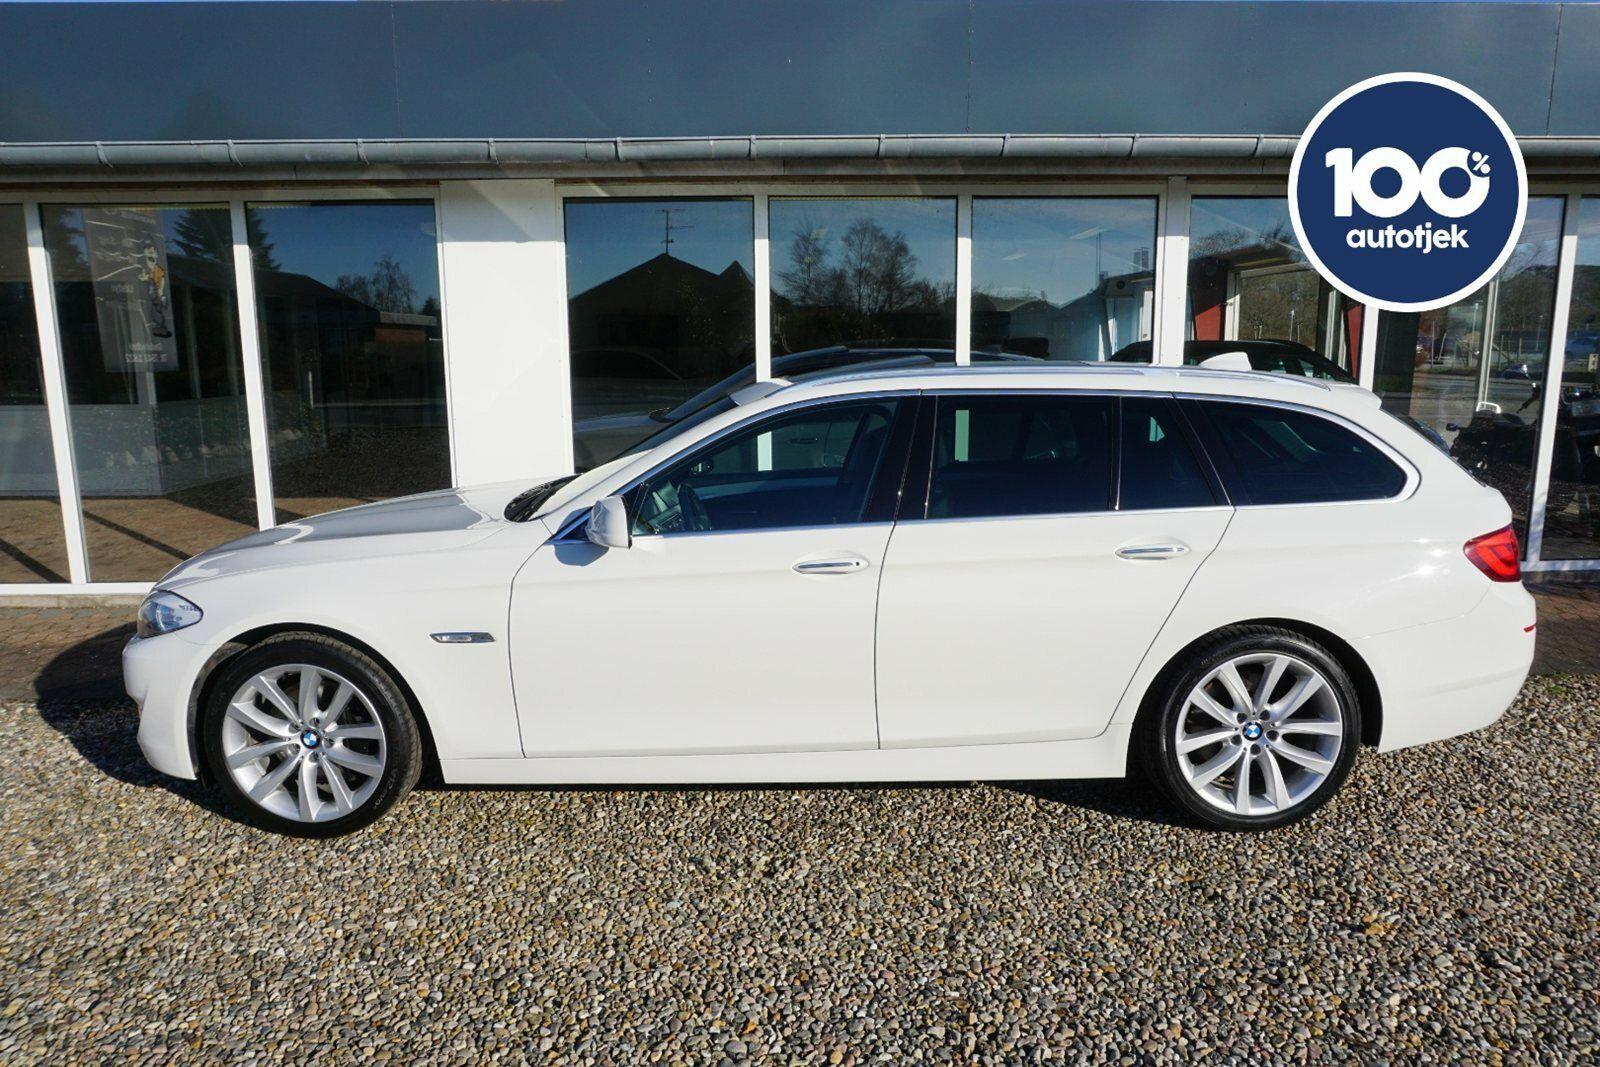 BMW 535d 3,0 Touring xDrive aut. 5d - 457.800 kr.